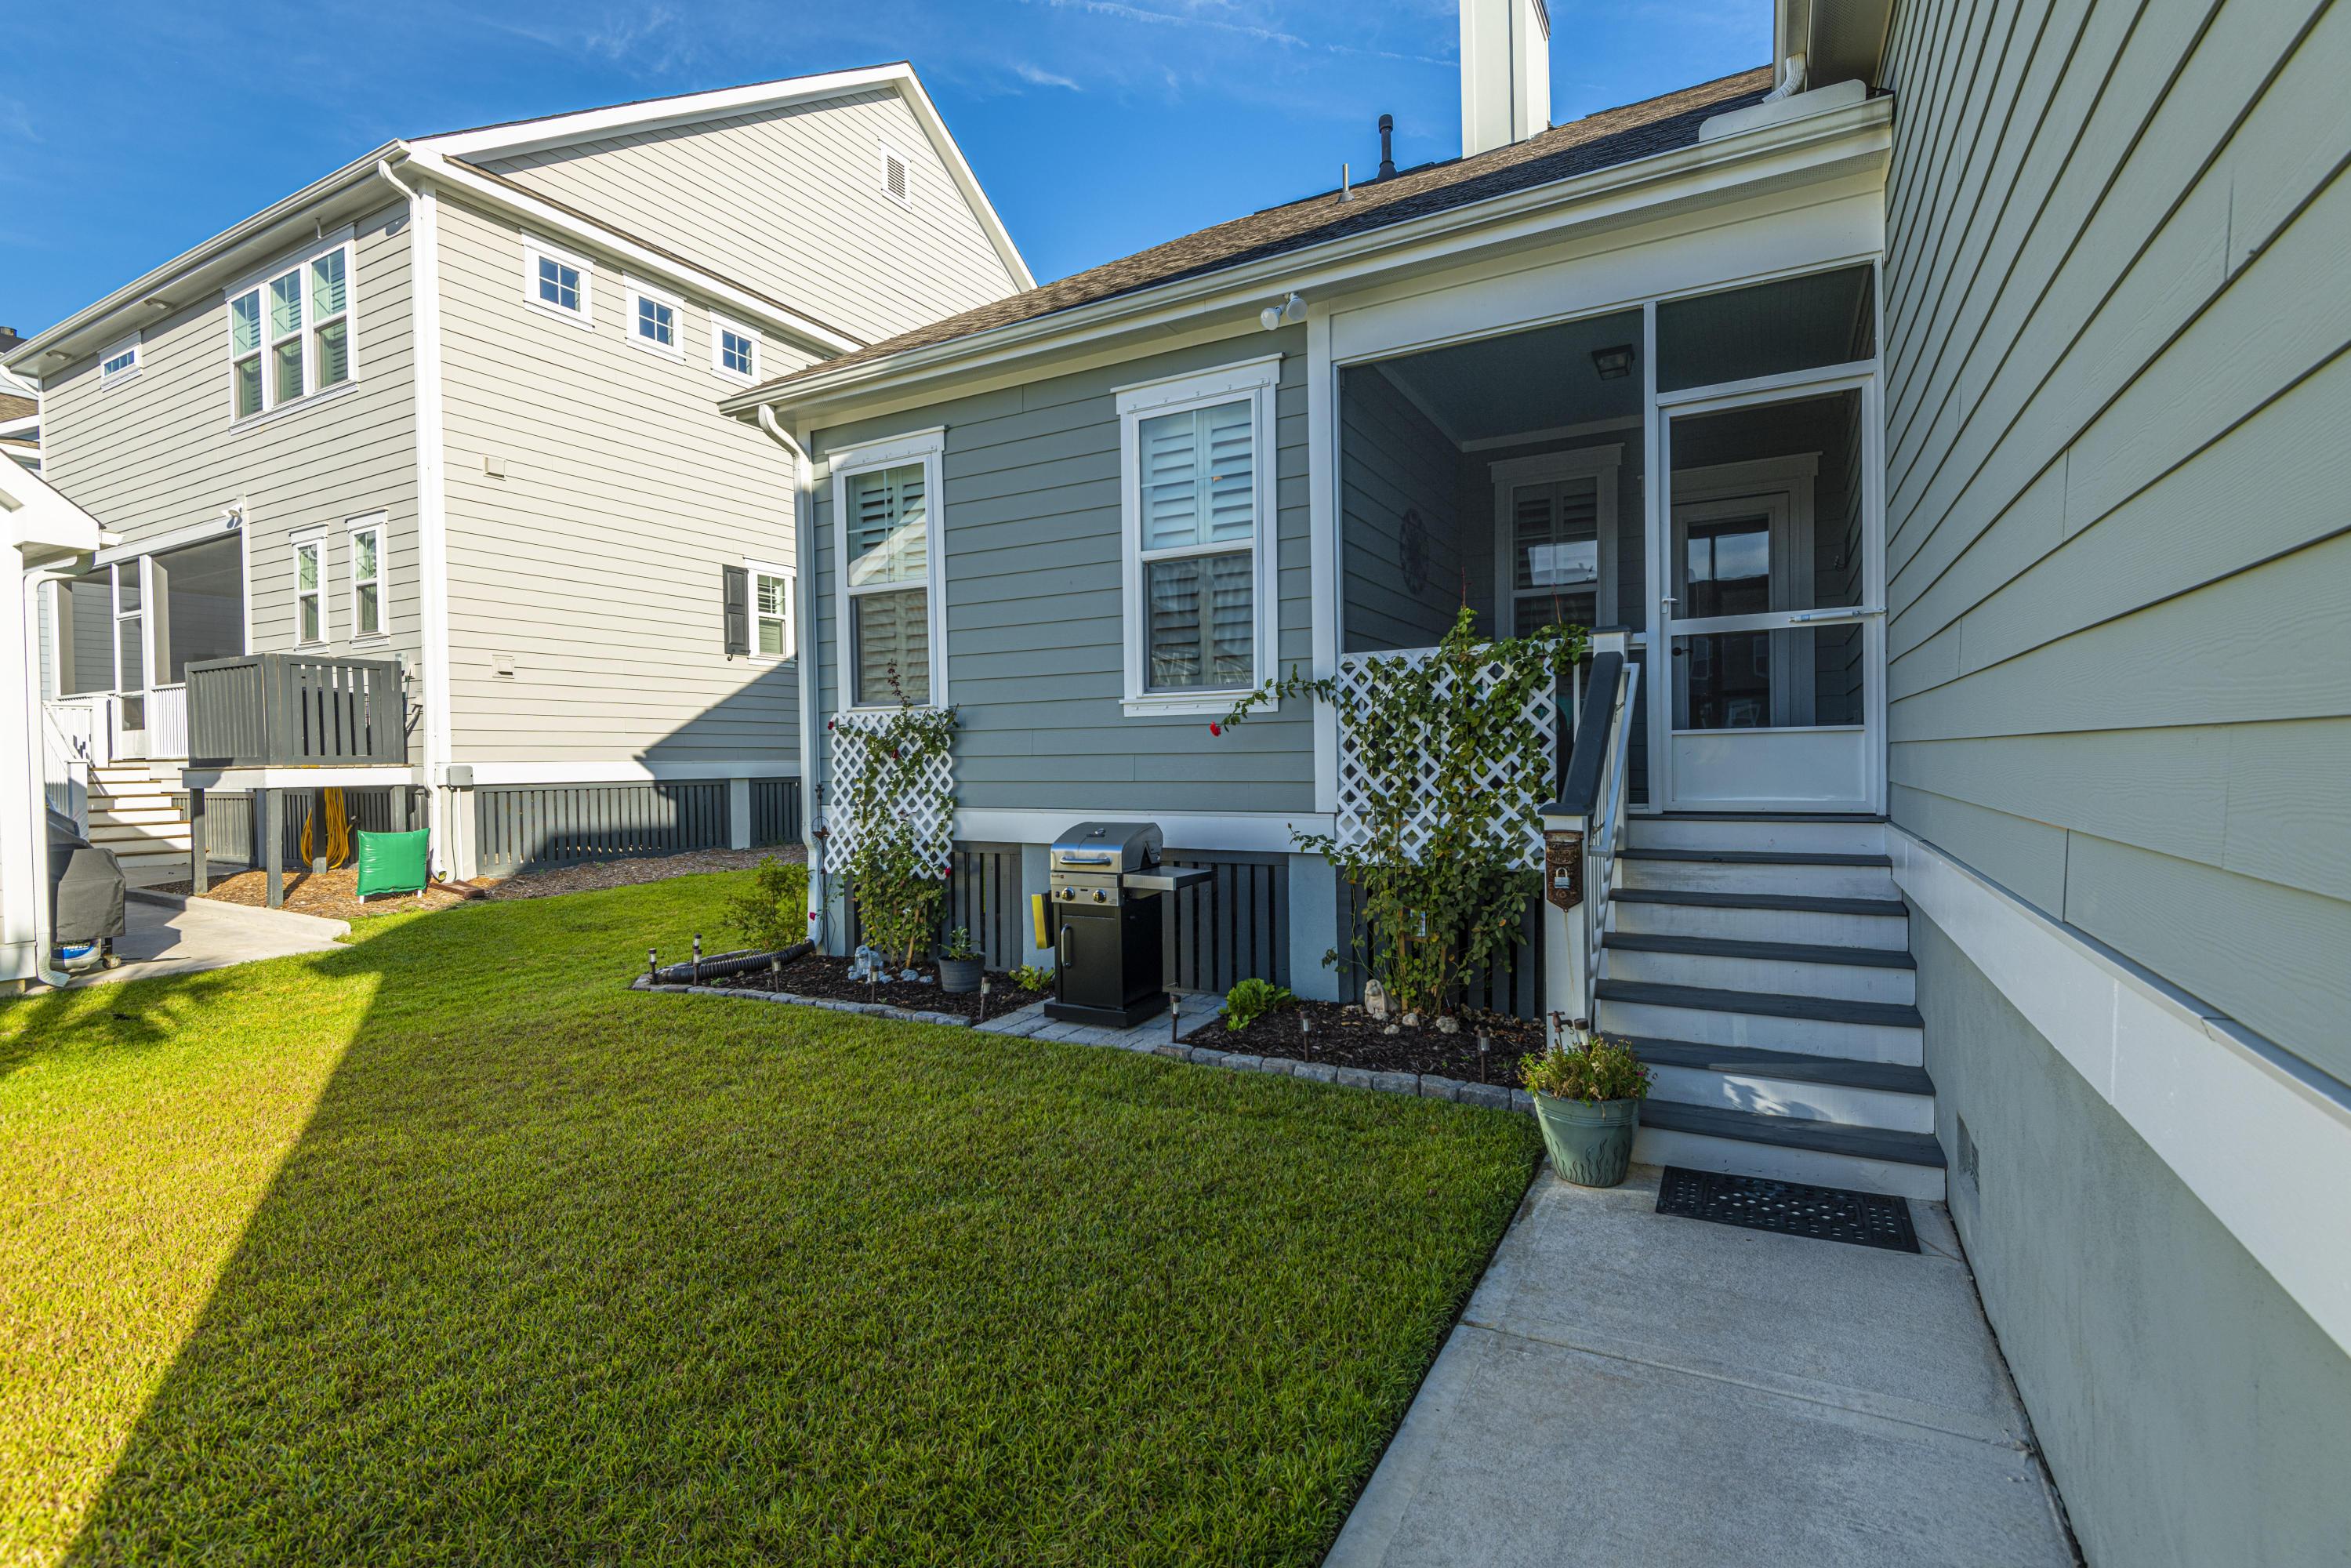 Park West Homes For Sale - 2667 Park West, Mount Pleasant, SC - 11